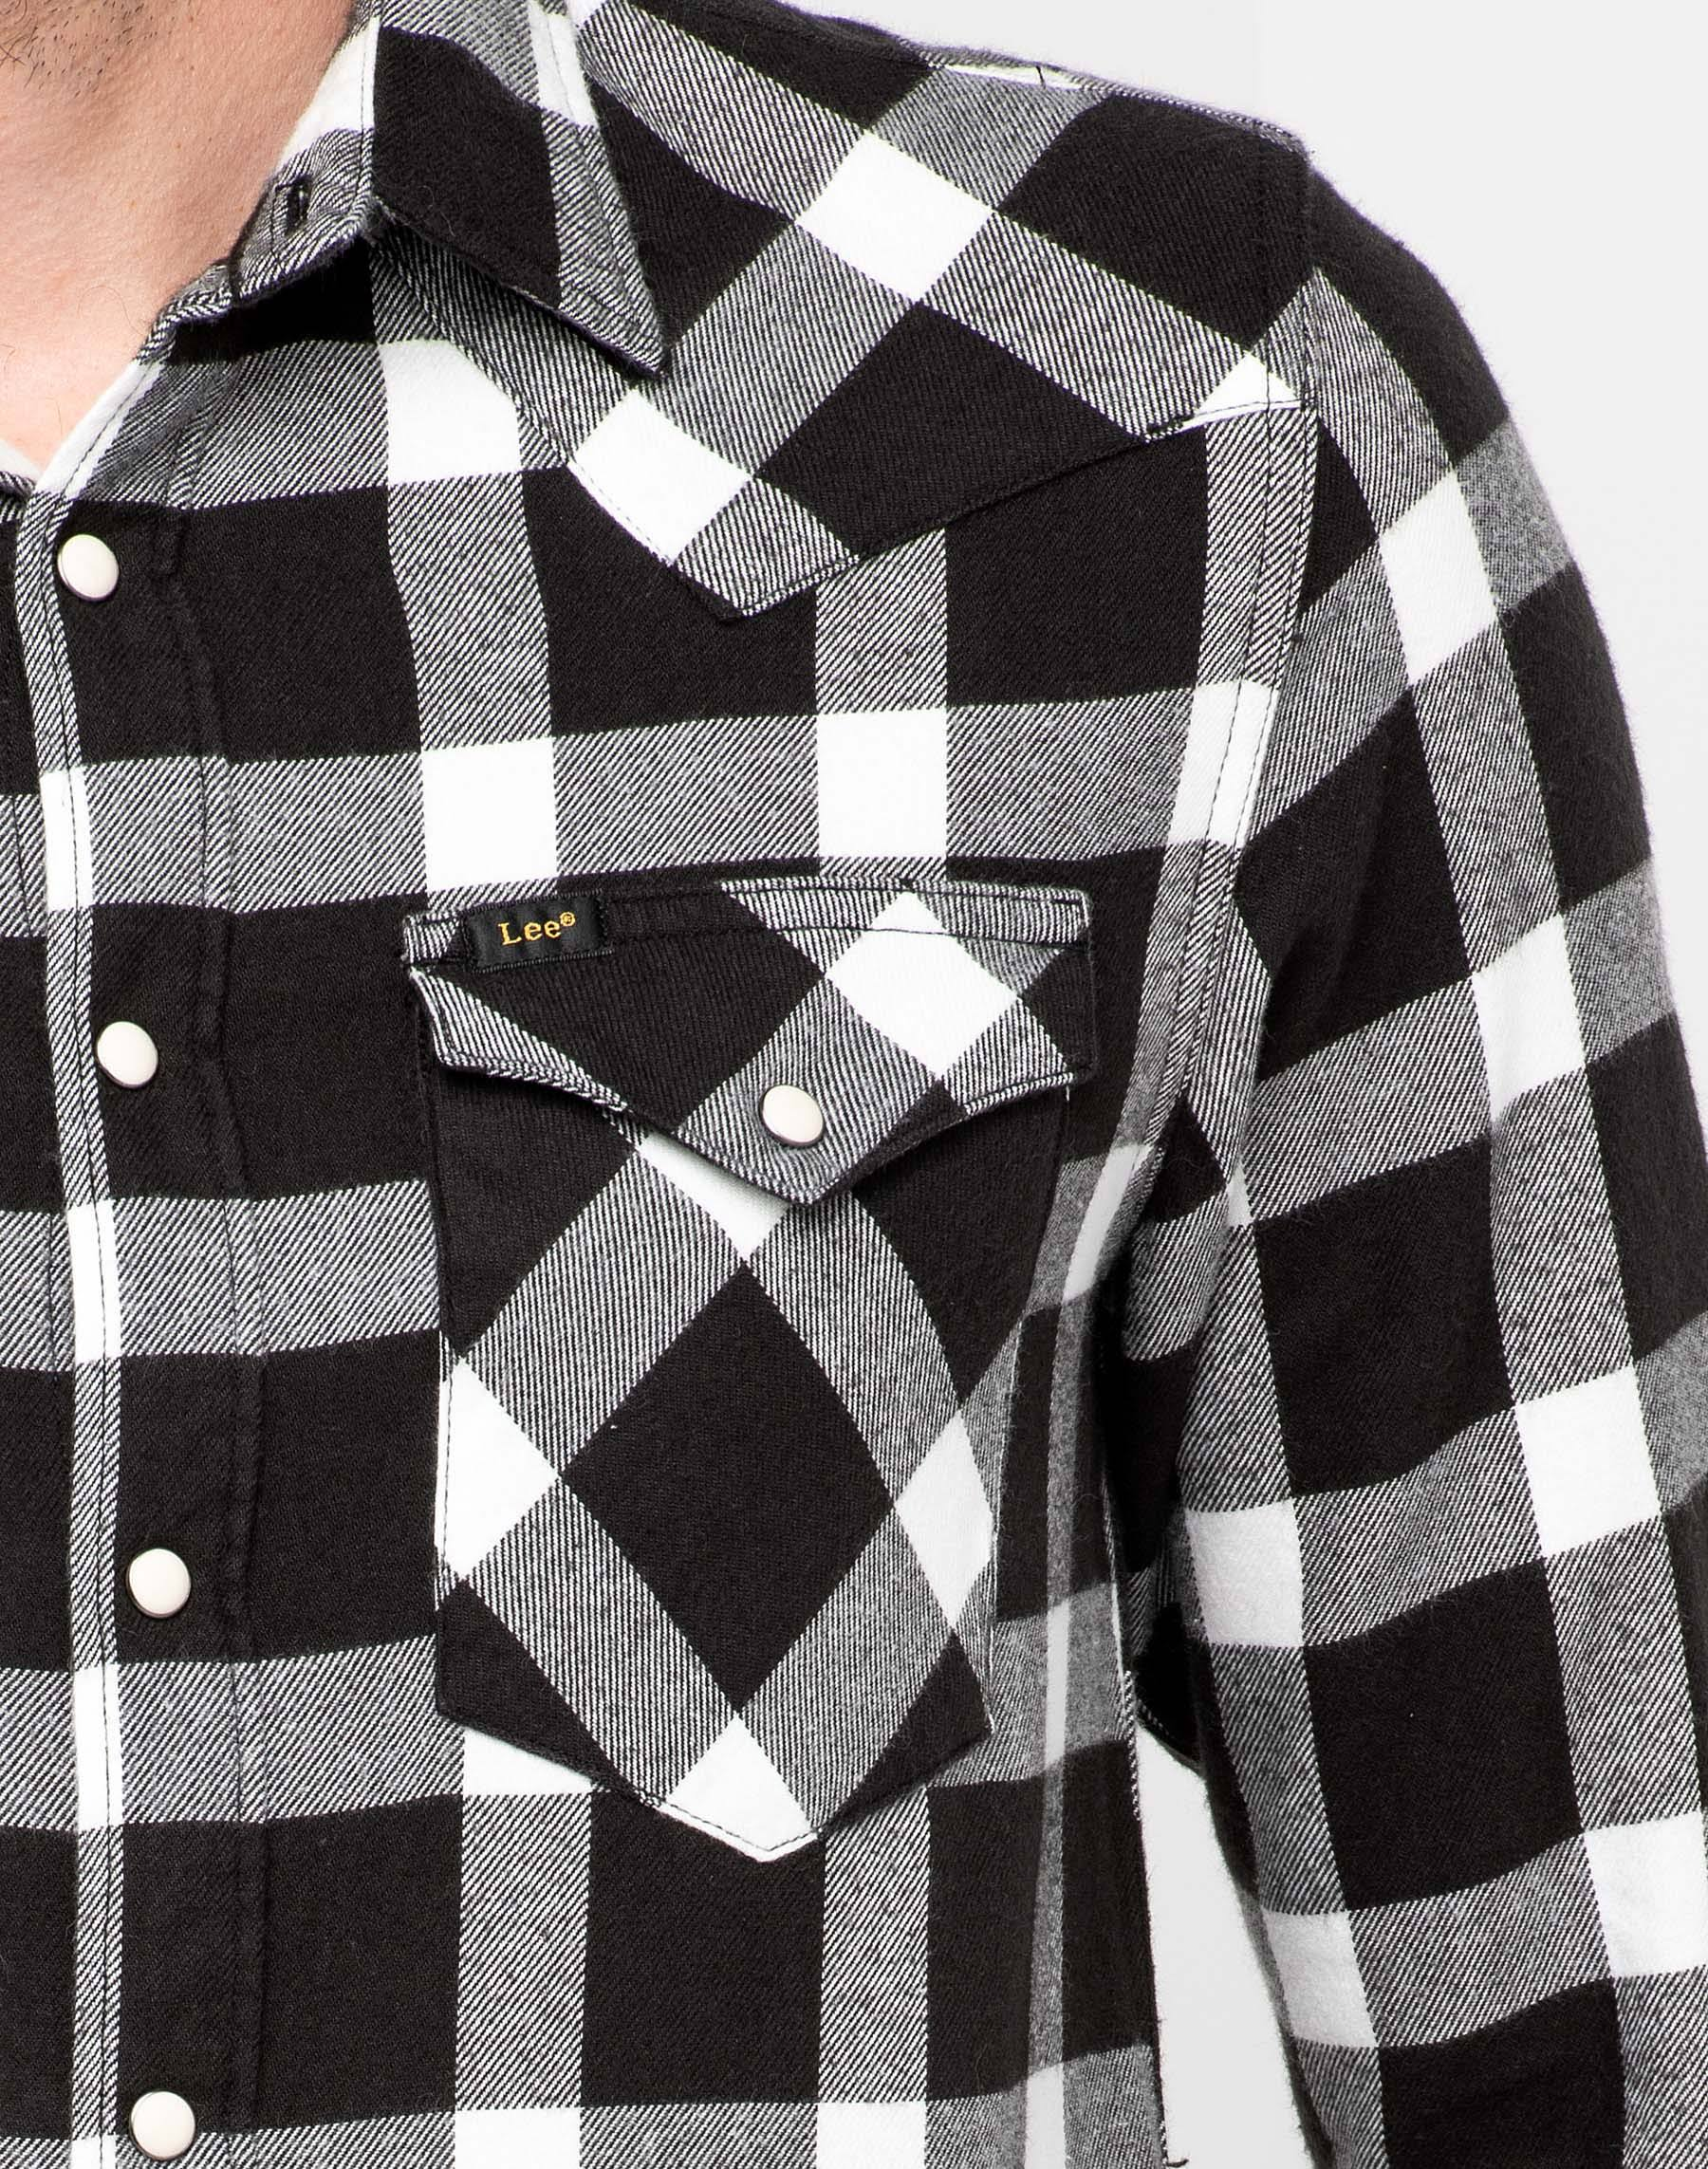 Negro Hombre Shirt Western Lee Talla S Pitch TqIz1wnU